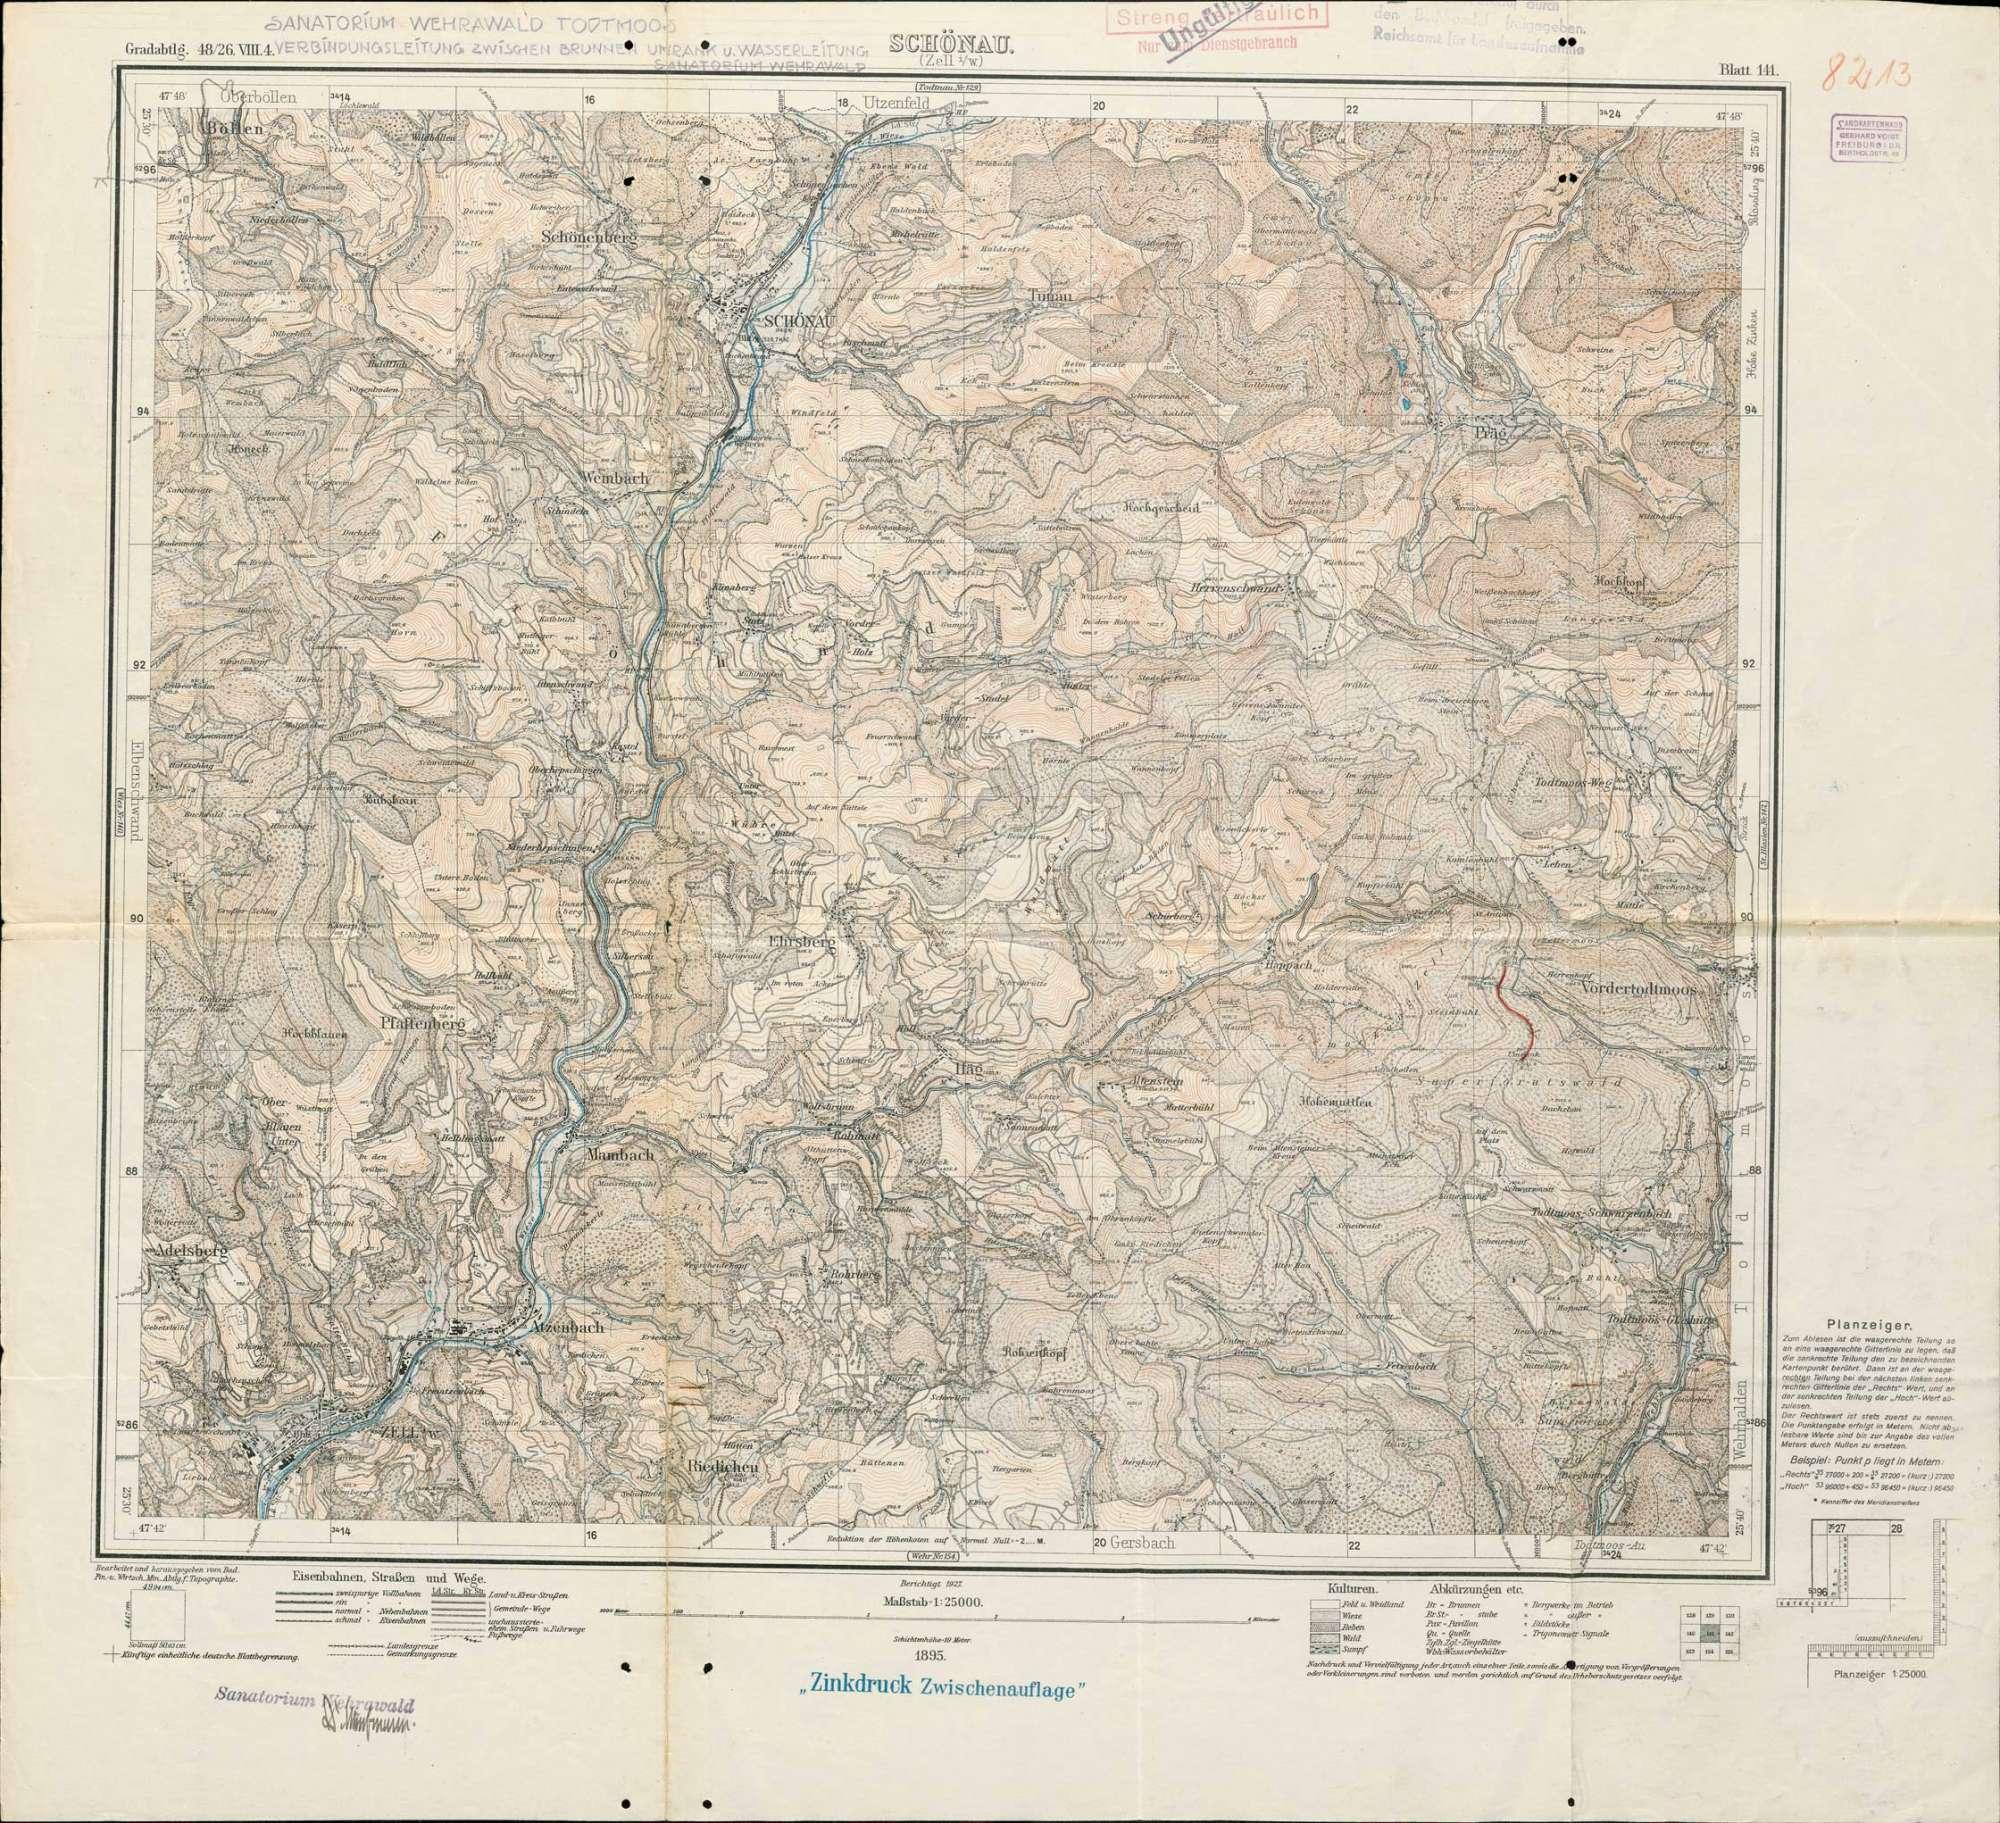 Fassung der Umrankquelle zur Verbesserung der Wasserversorung des Sanatoriums Wehrawald in Todtmoos, Bild 1